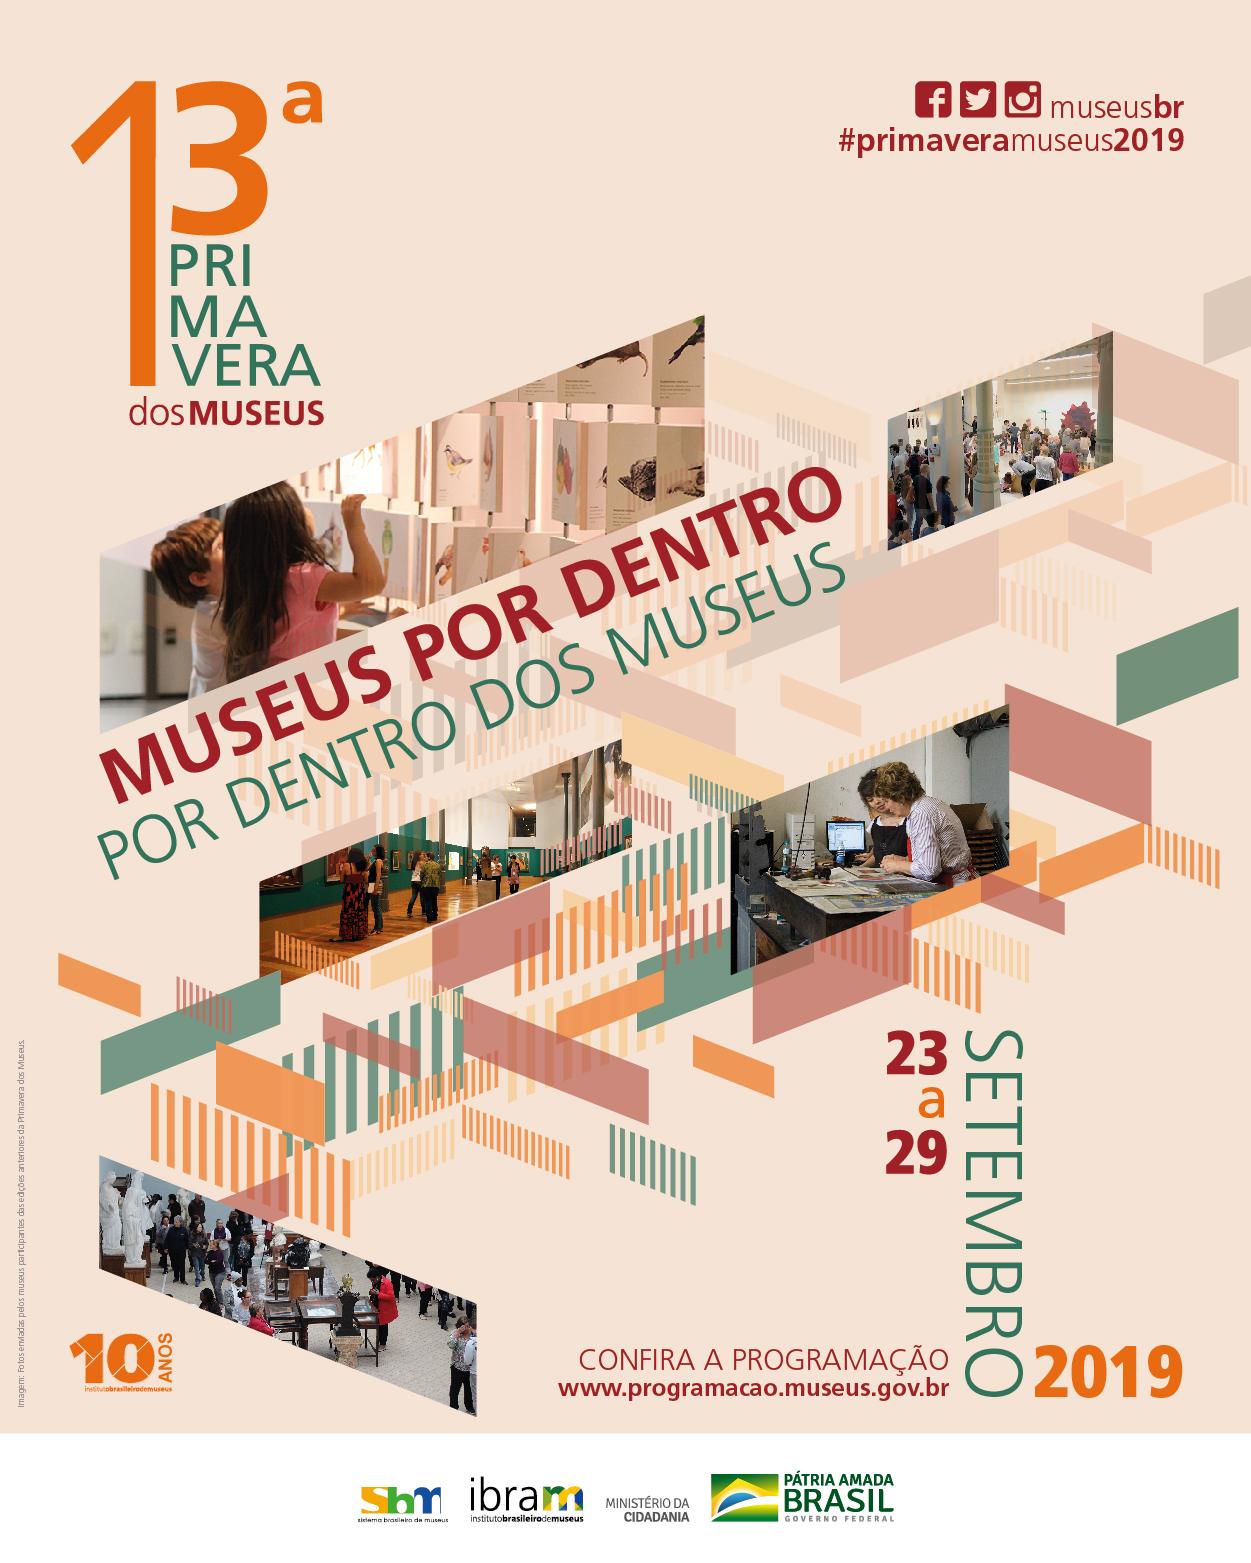 Cartaz da Primavera dos Museus 2019 - coordenada pelo Ibram